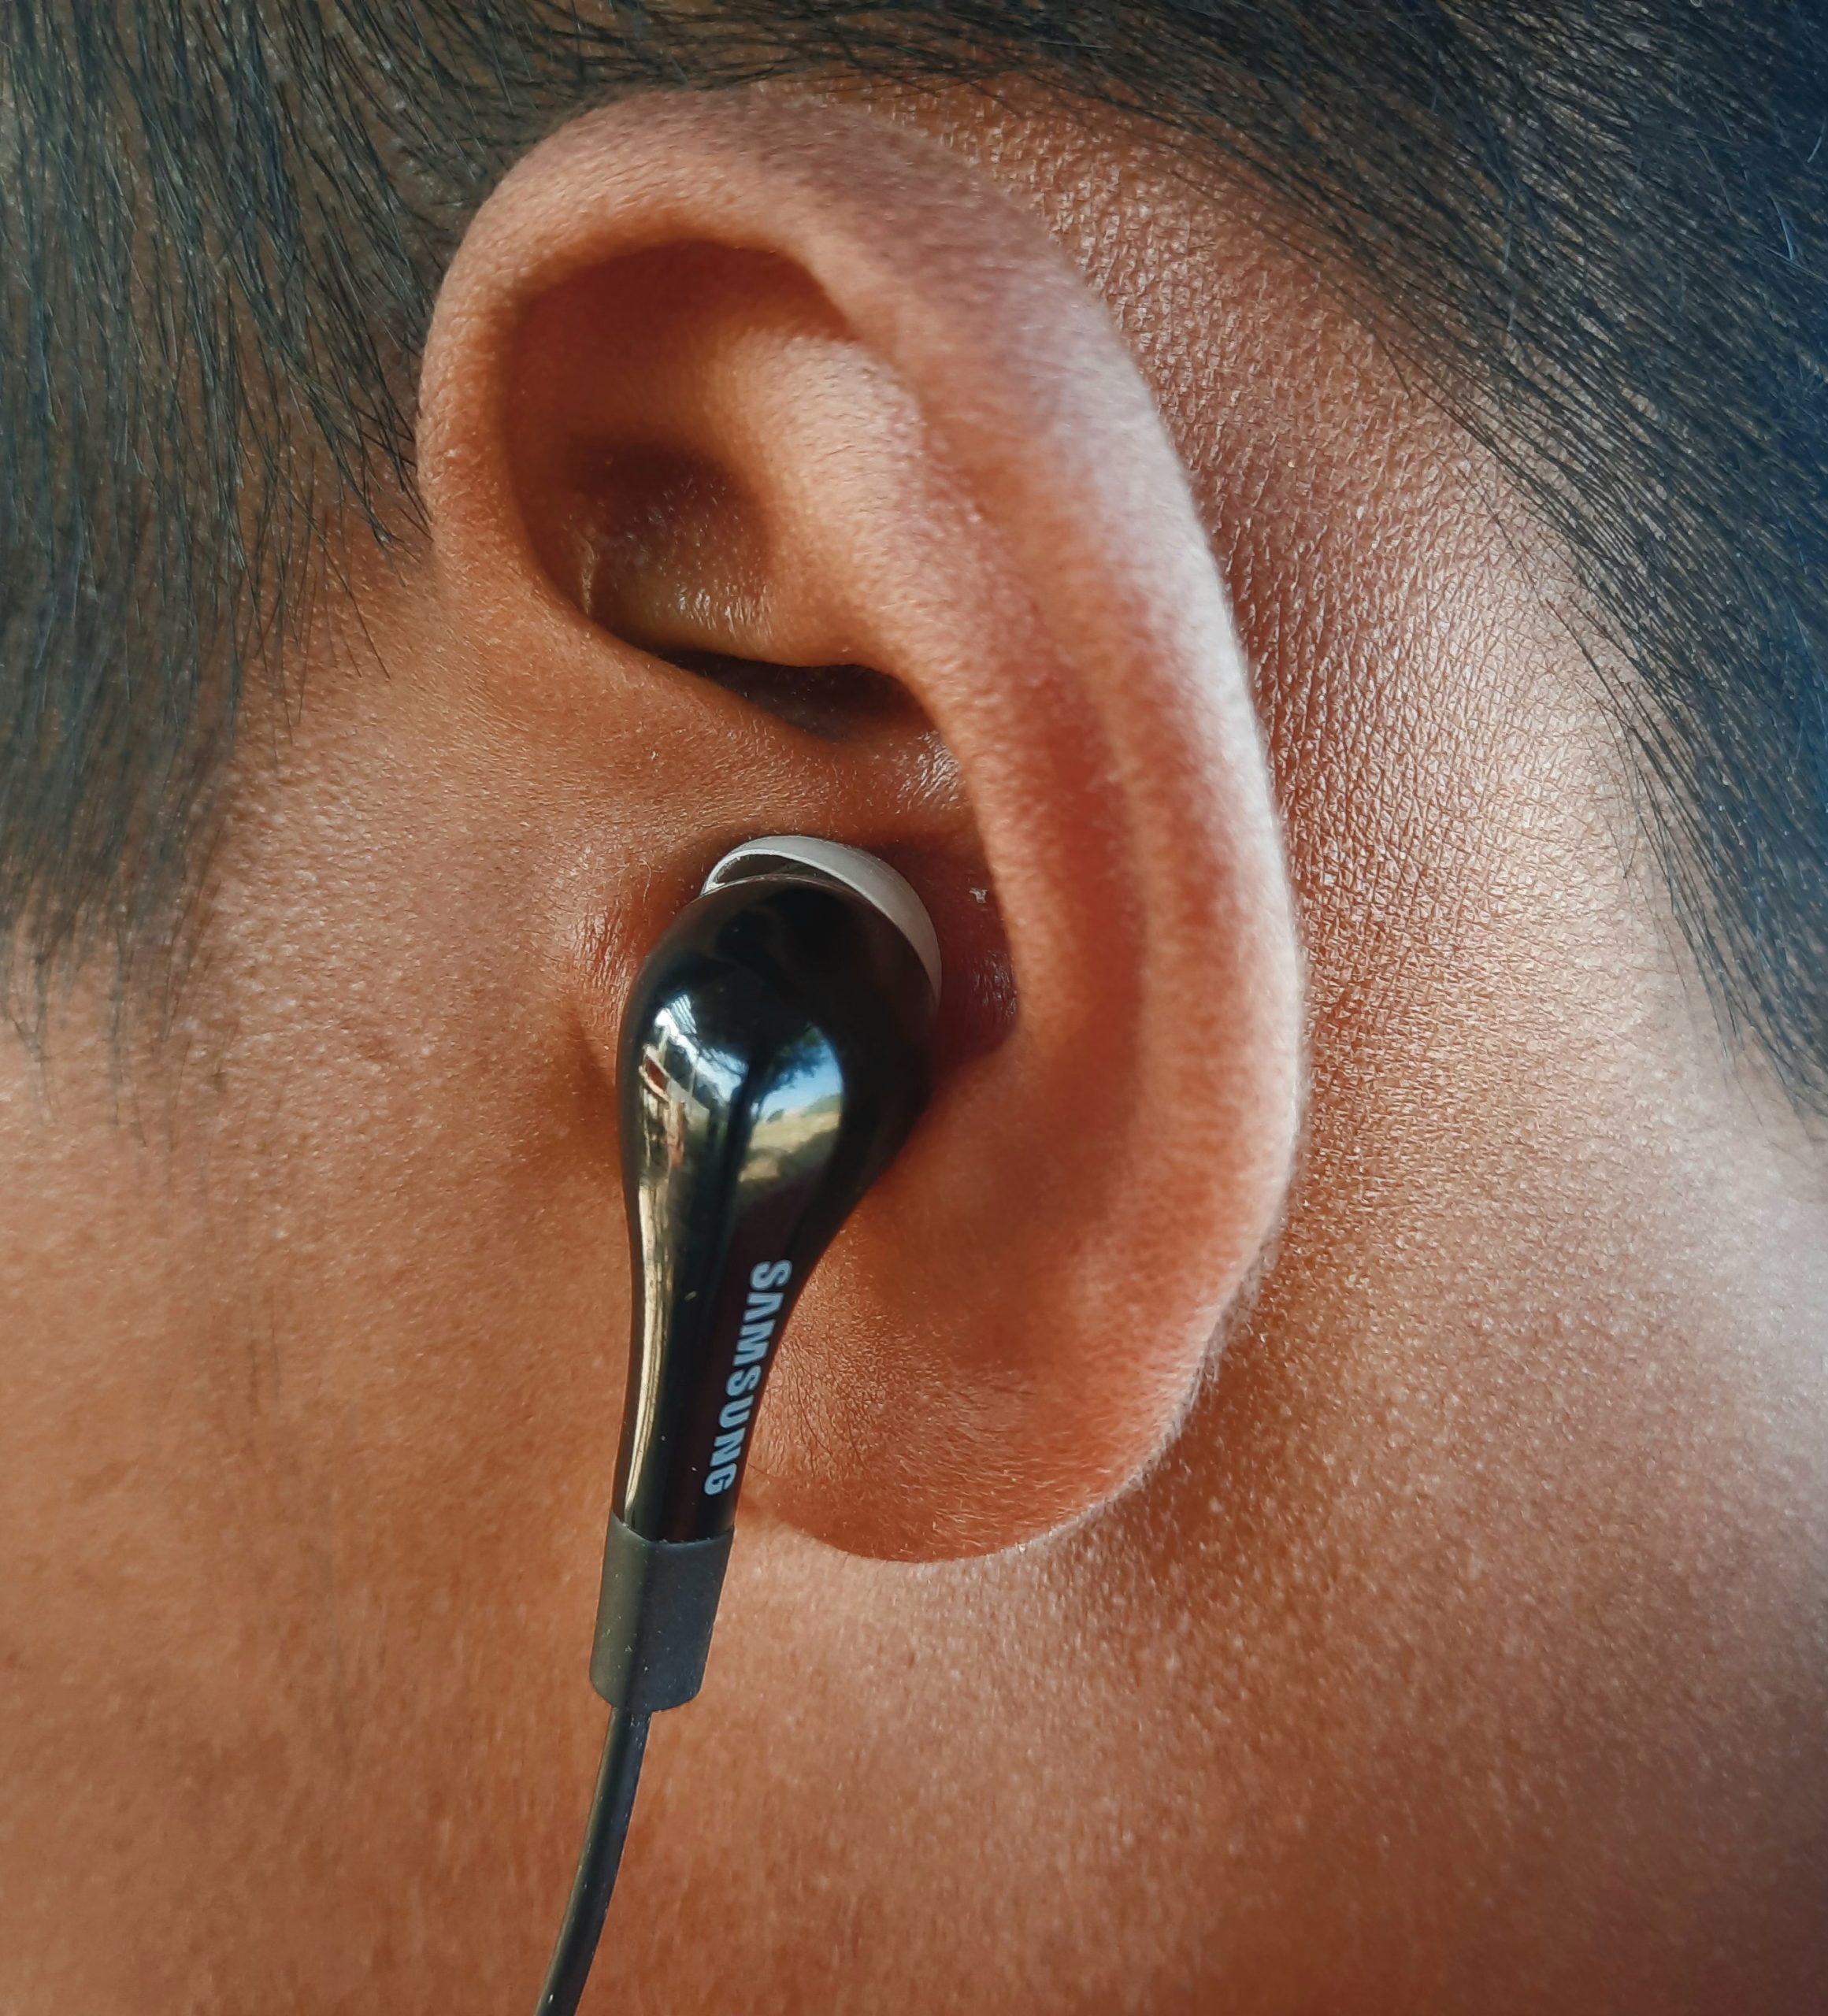 Earphones in ear